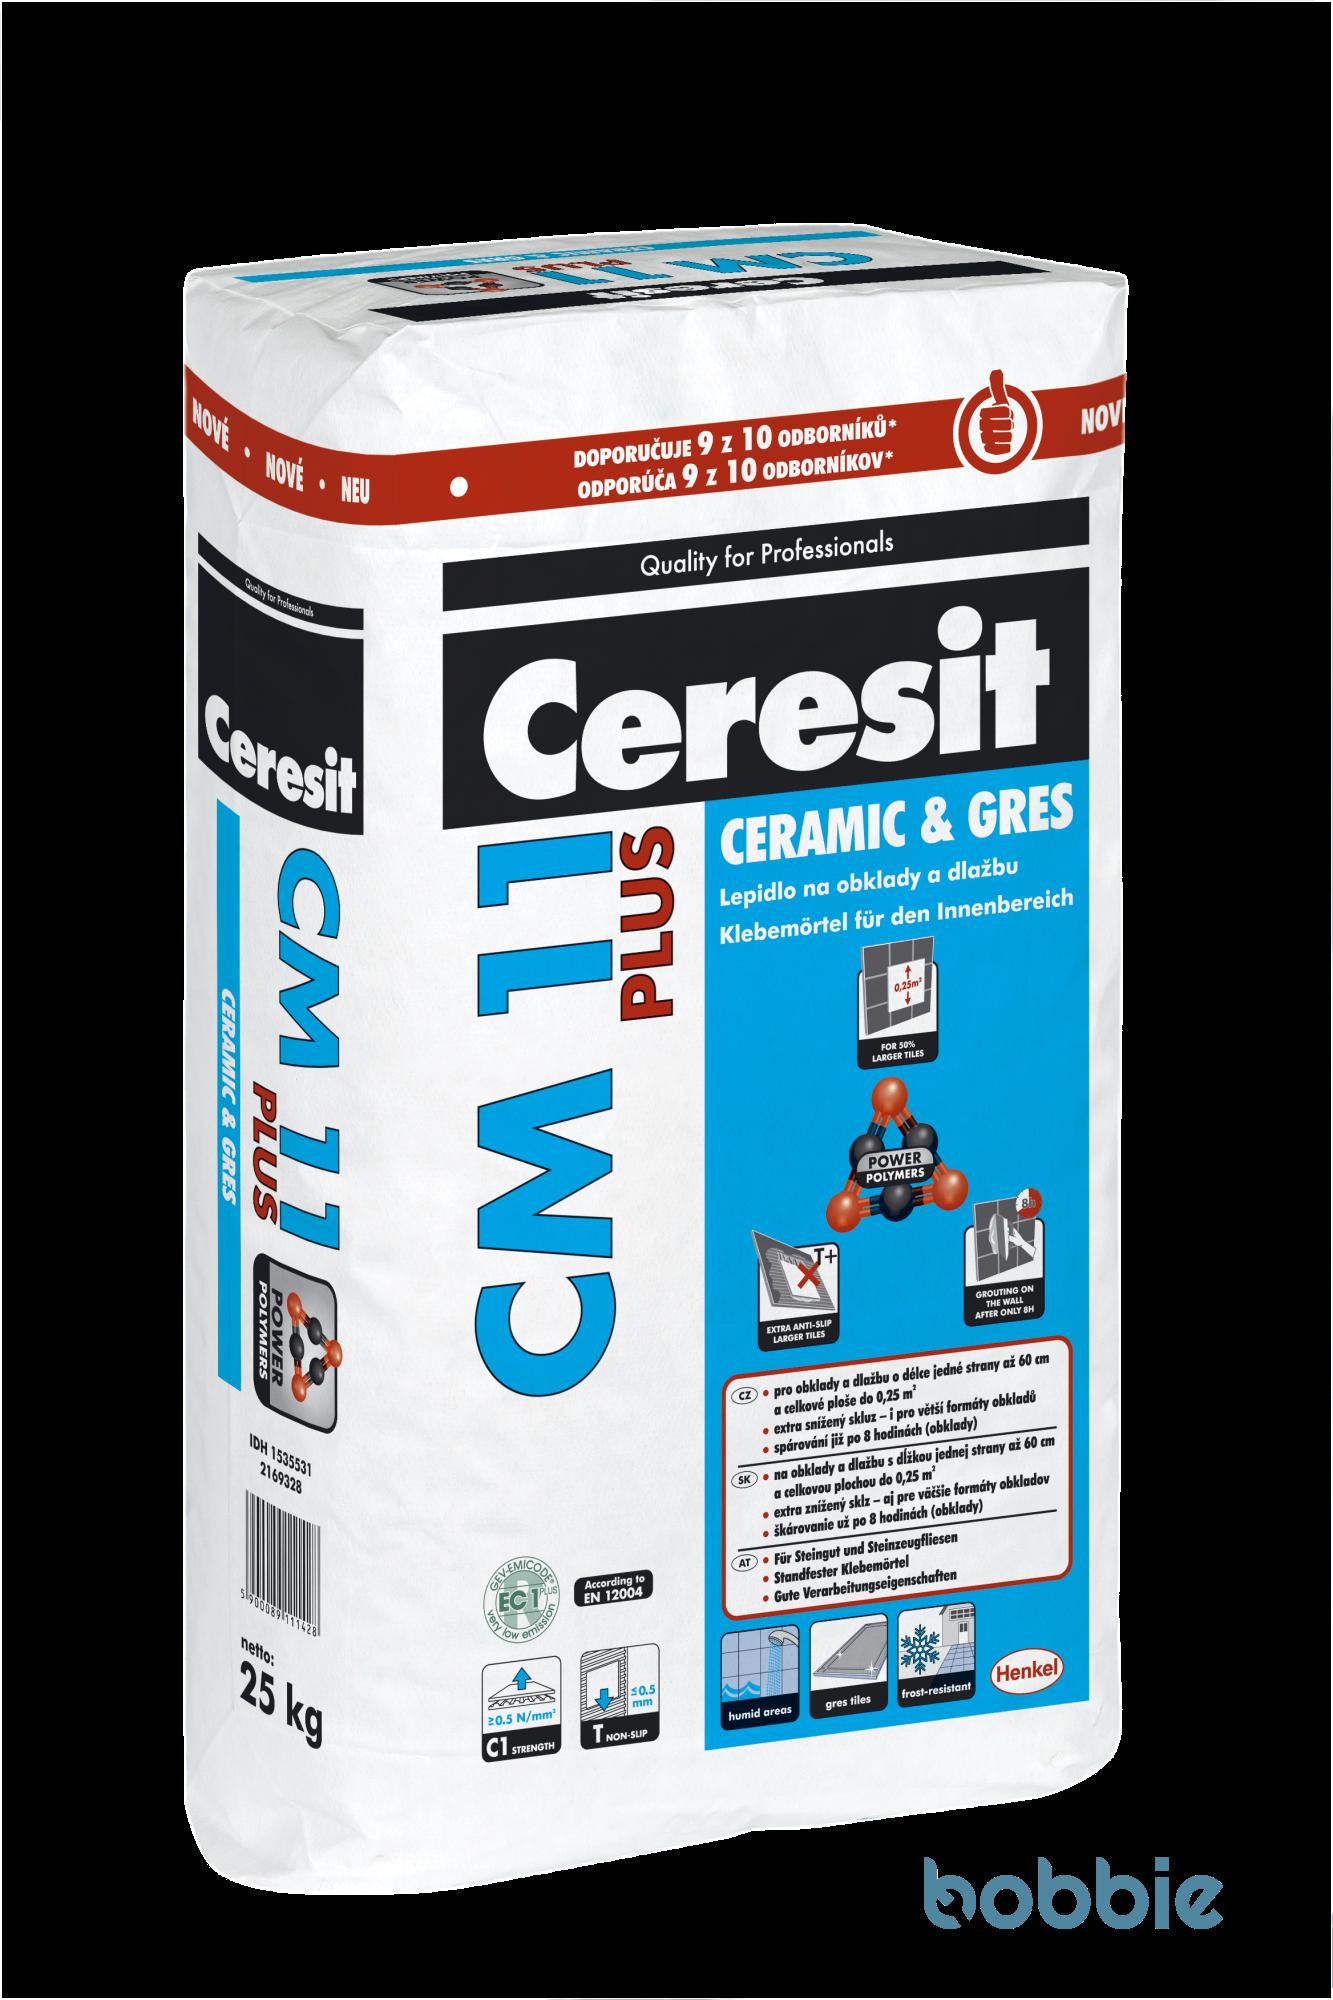 CM 11 PLUS Ceramic & Gres